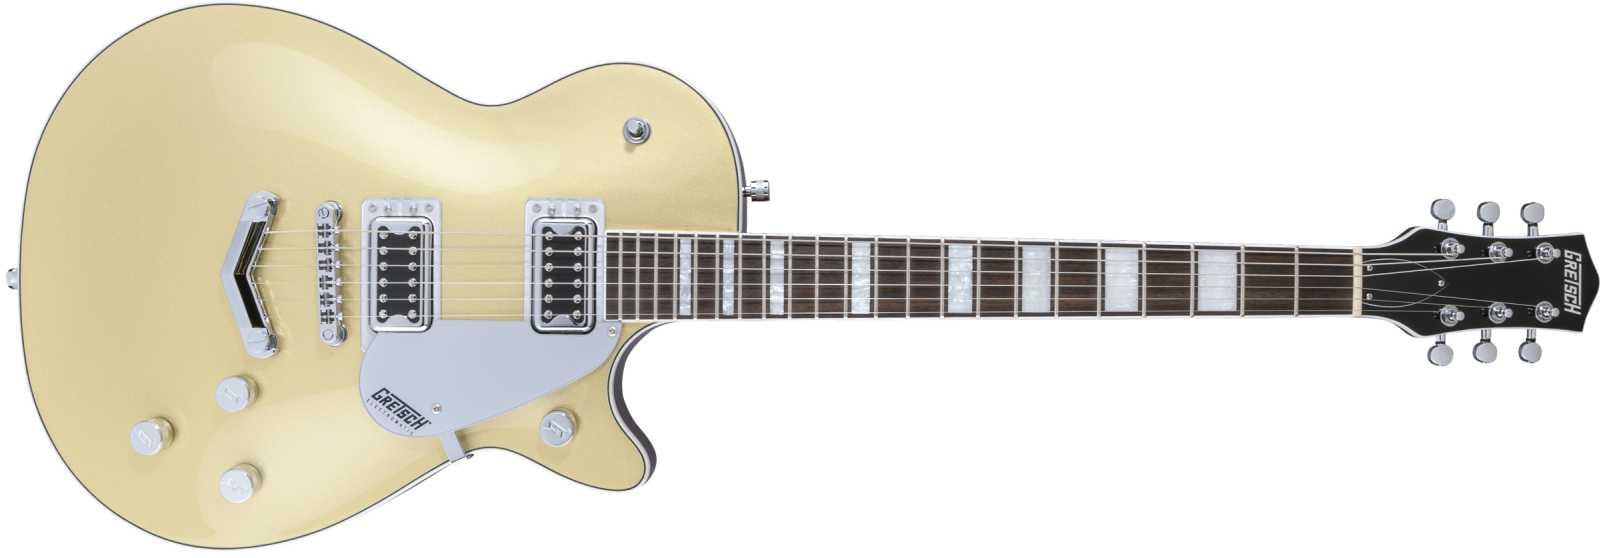 Gretsch Guitar G5220 Electromatic Jet BT CGD